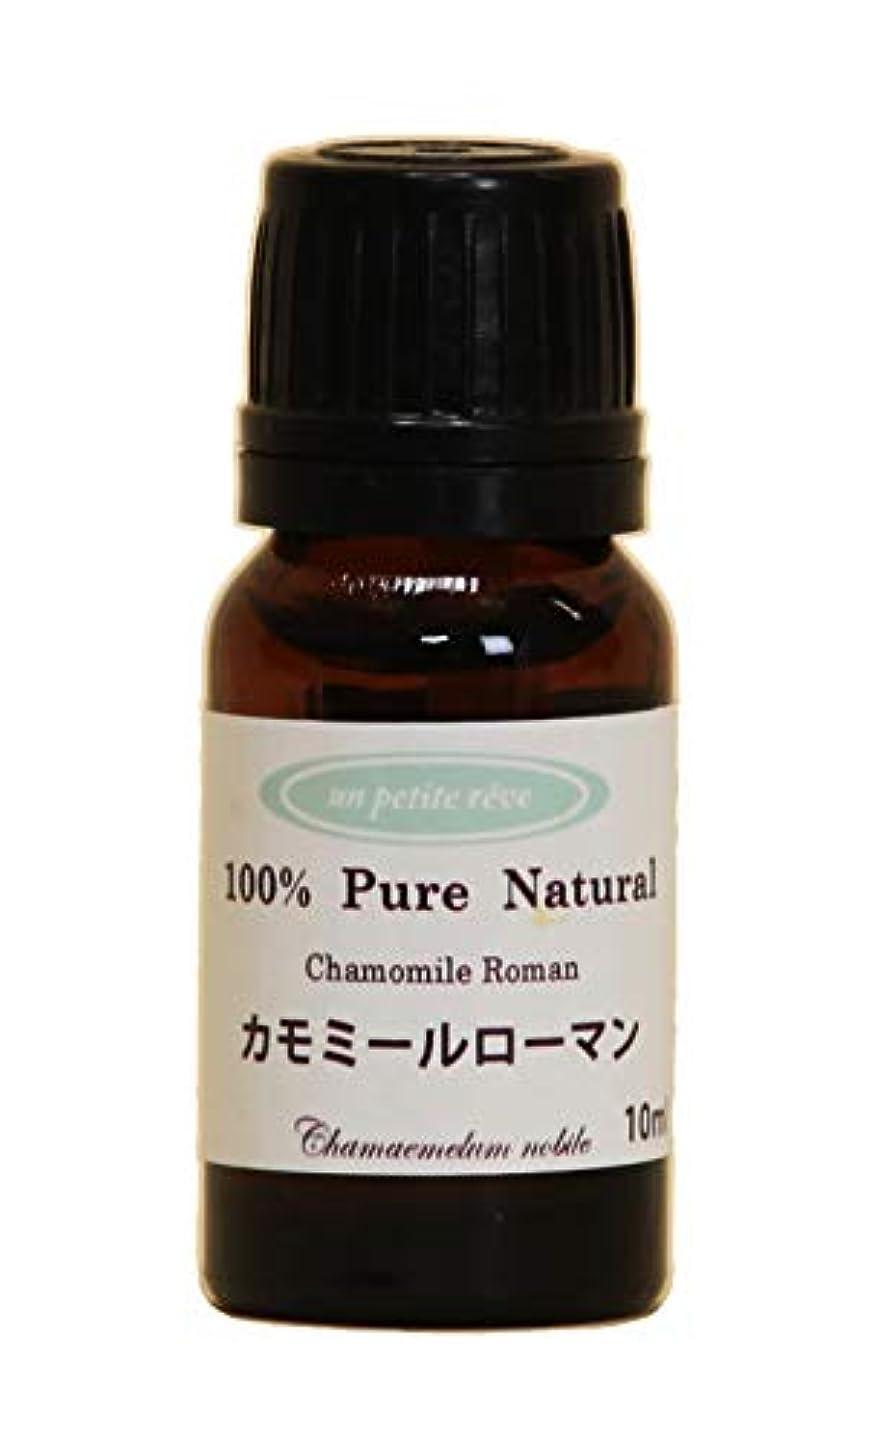 カモミールローマン 10ml 100%天然アロマエッセンシャルオイル(精油)